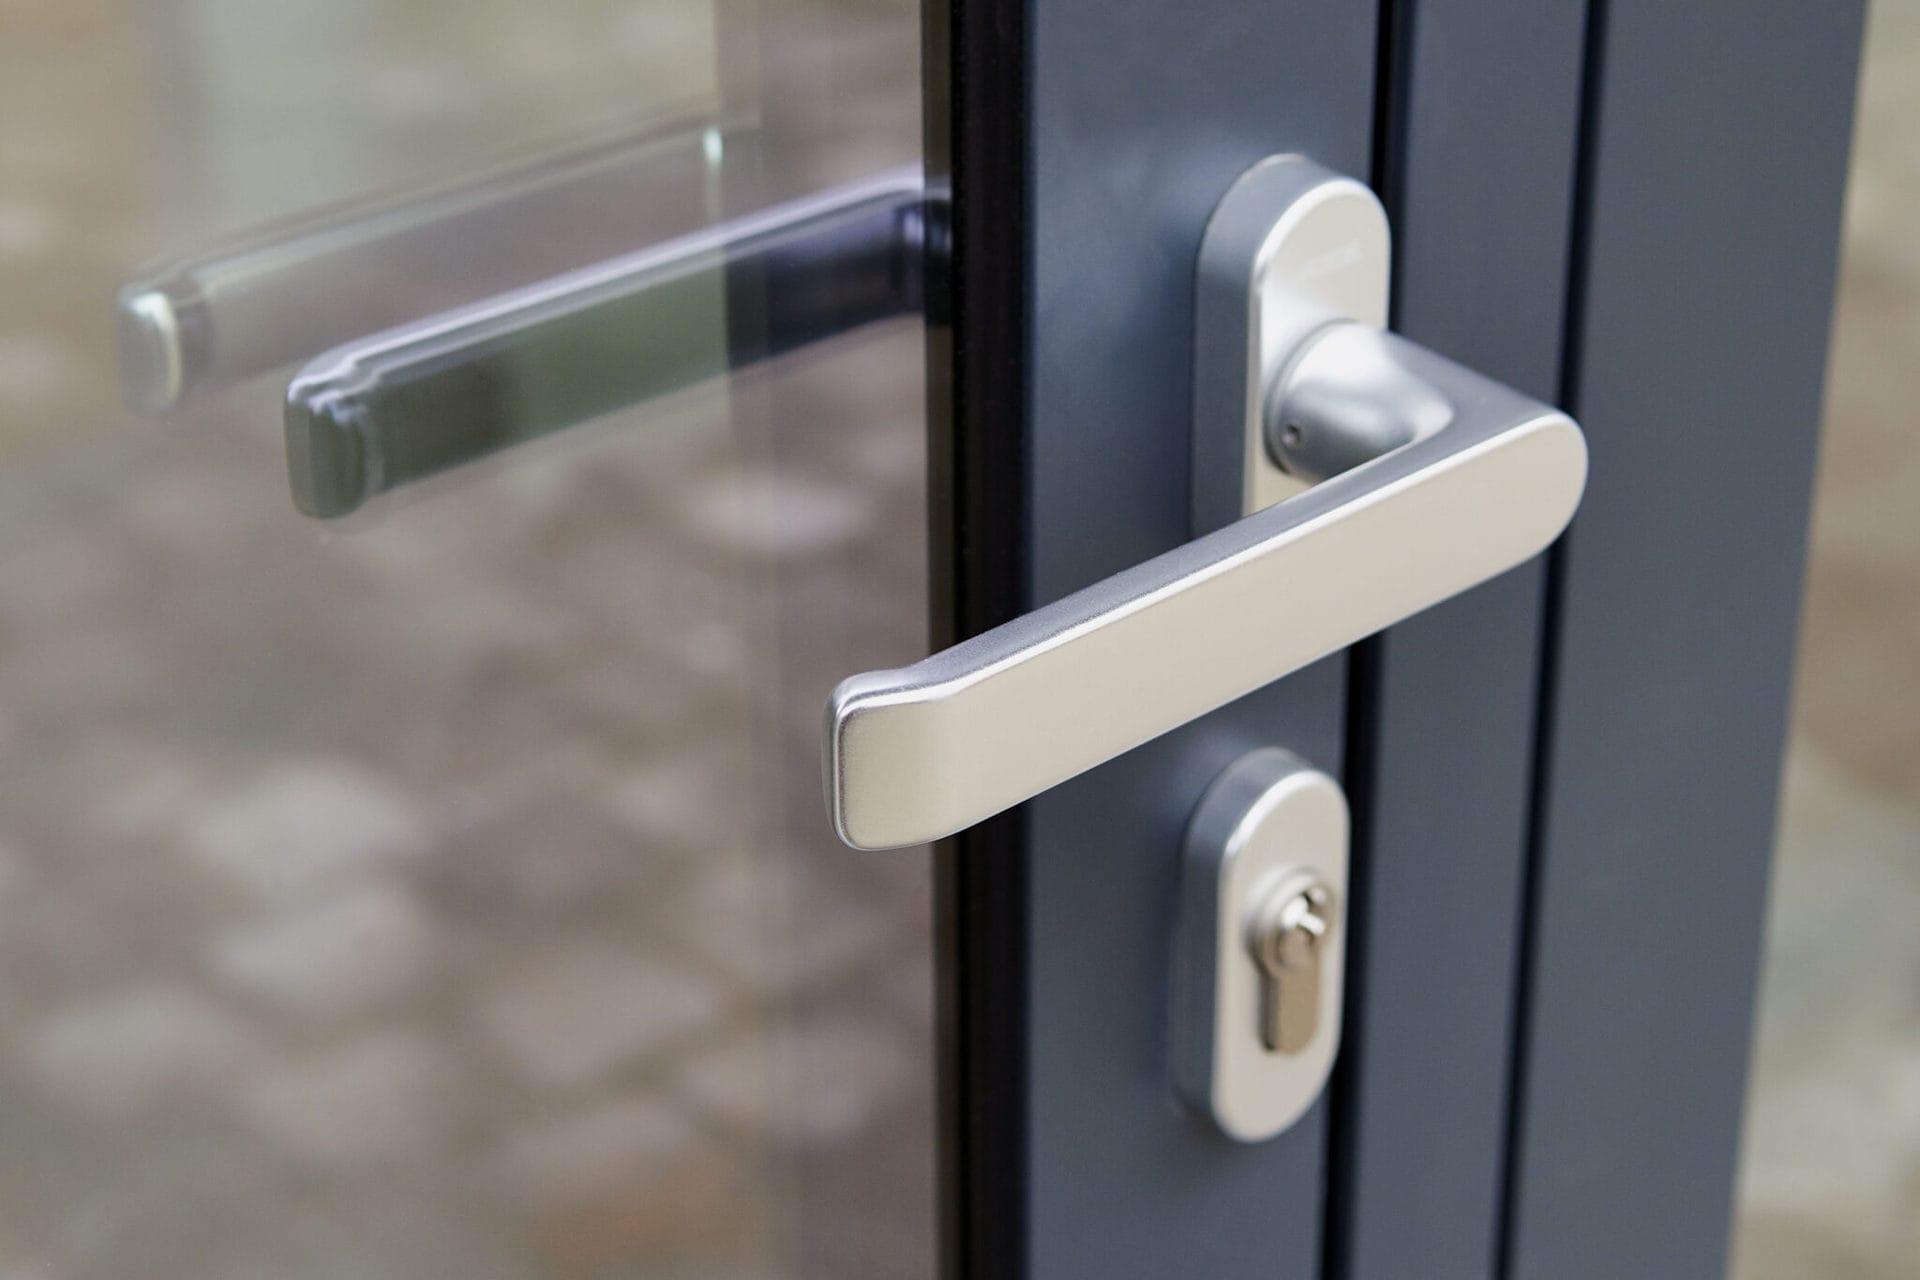 office deep cleaning services clean door knobs door handles